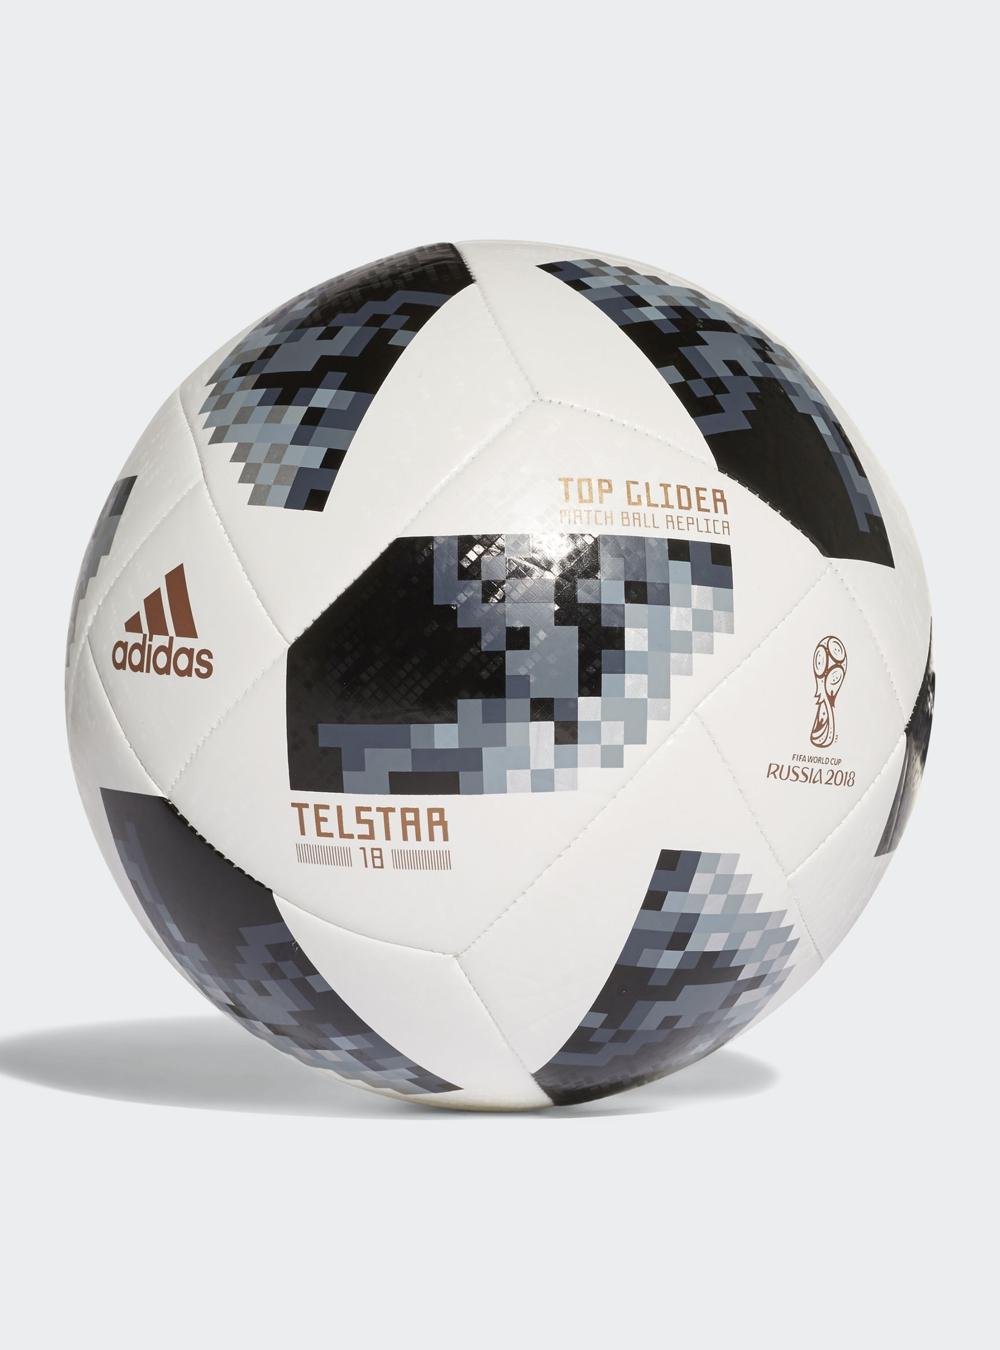 Футбольный мяч 2018 FIFA WORLD CUP RUSSIA TELSTAR 18Мячи<br>Футбольный мяч 2018 FIFA WORLD CUP RUSSIA TELSTAR 18<br>